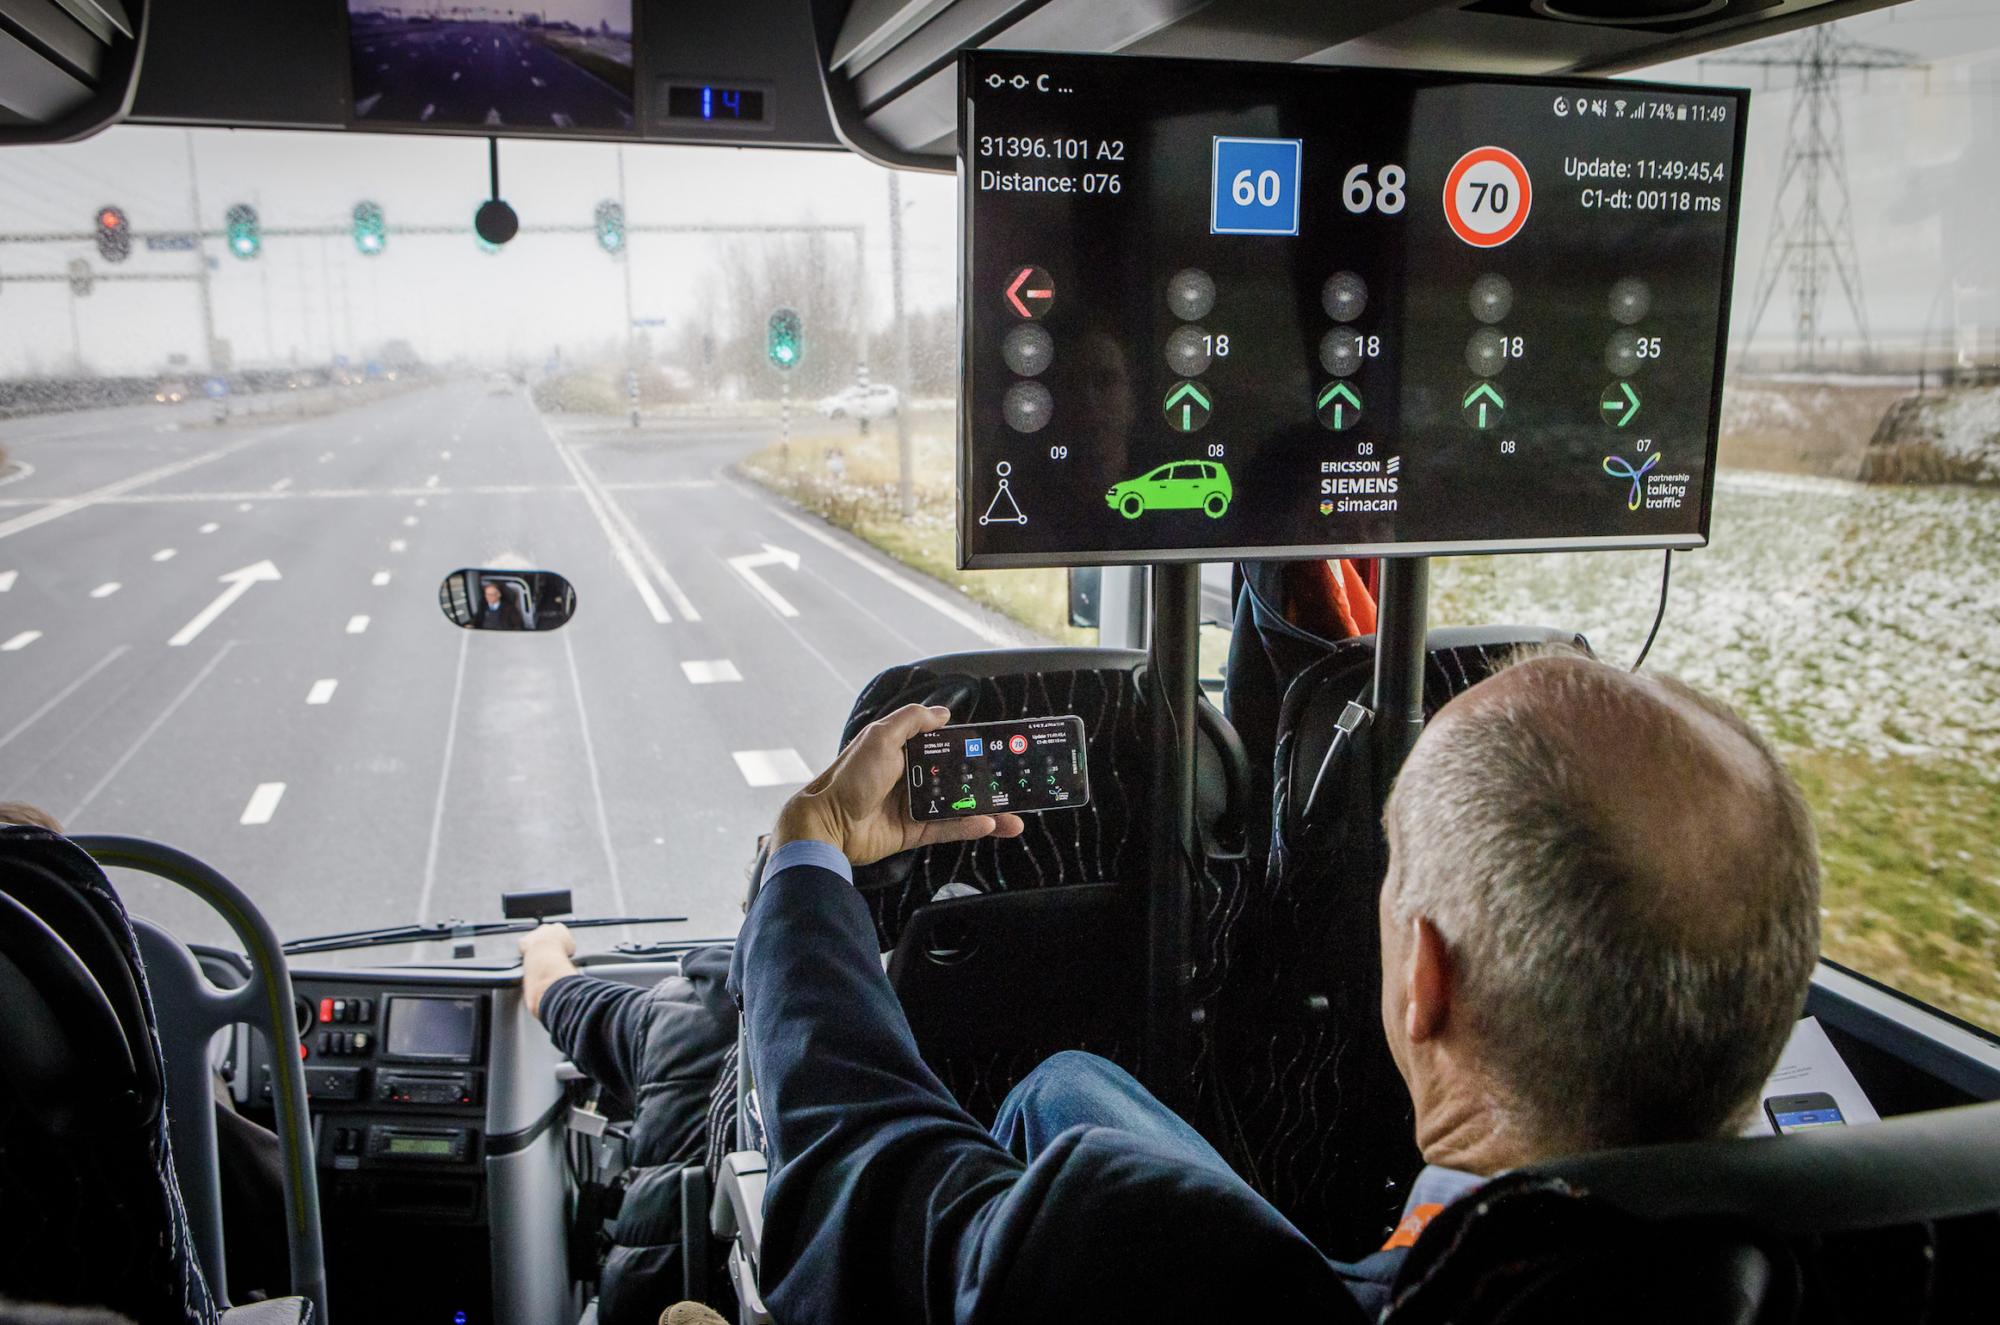 Cleantech Regio werkt verder aan slimme en schone mobiliteit